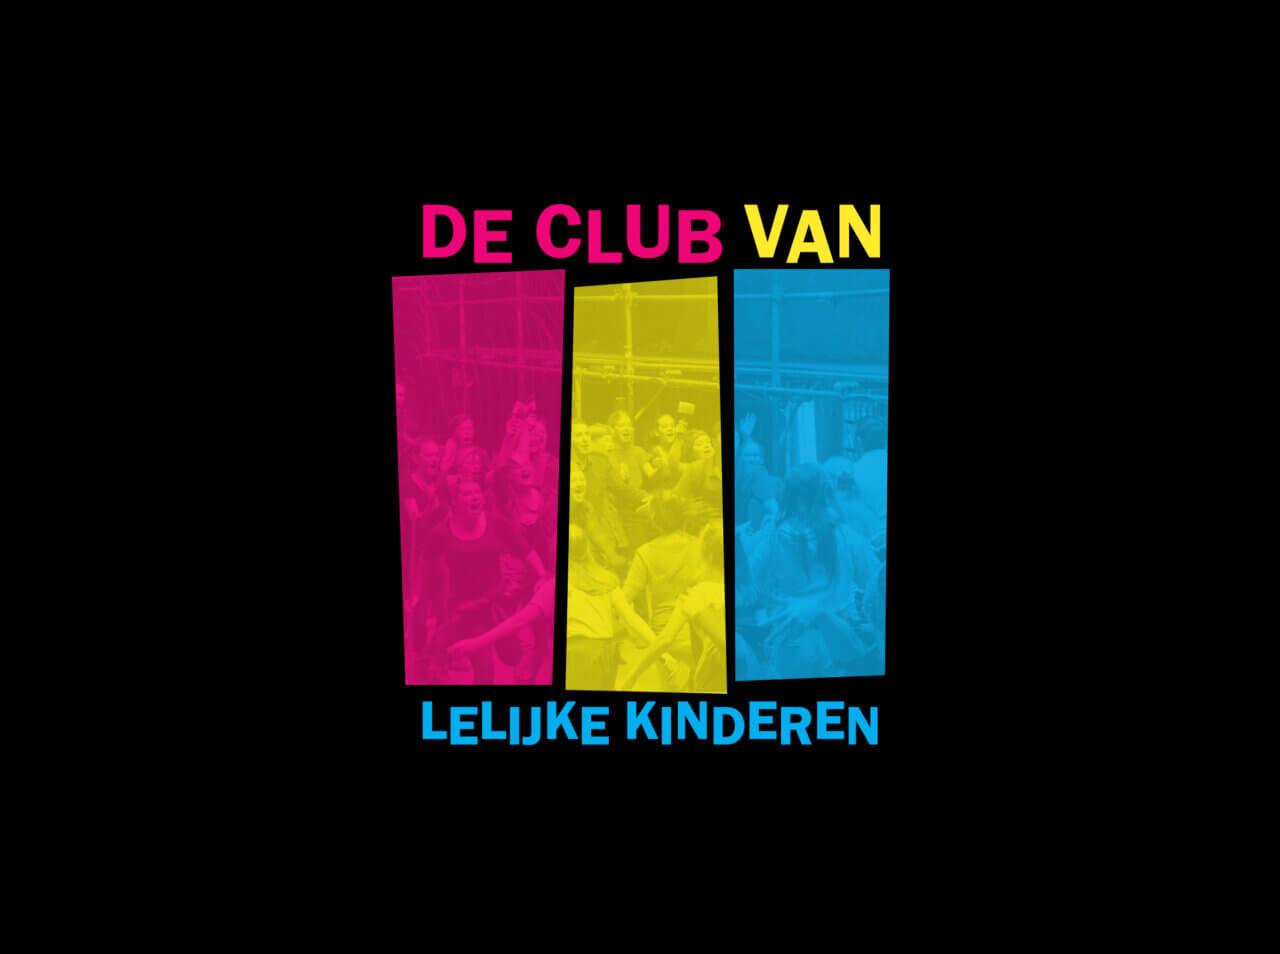 De club van poster teaser